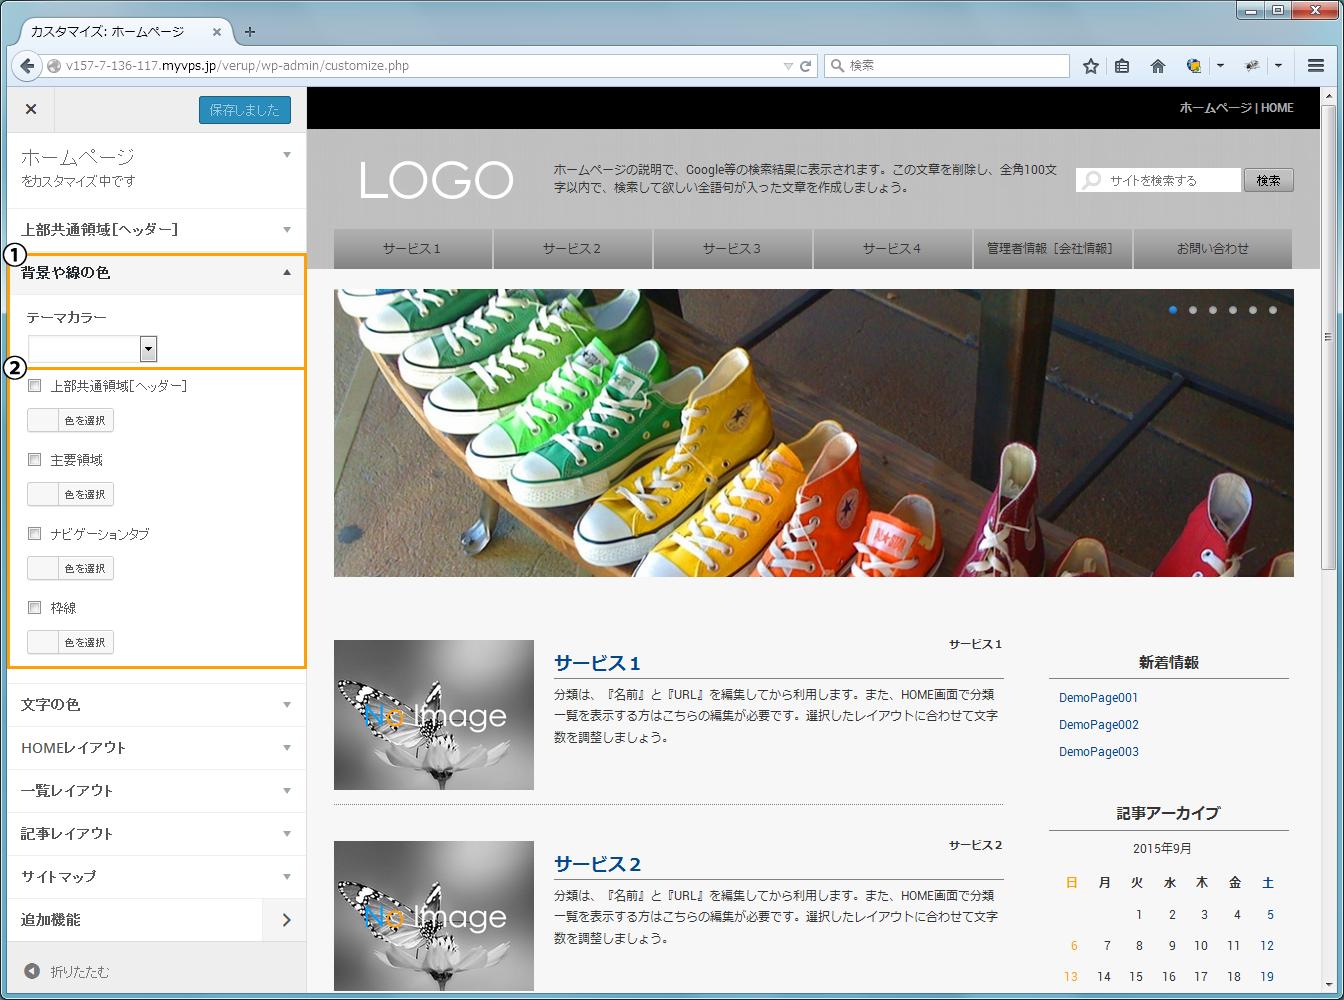 サイトデザイン 背景や線の色 | 初期費用無料ホームページ作成サイト - FunMaker